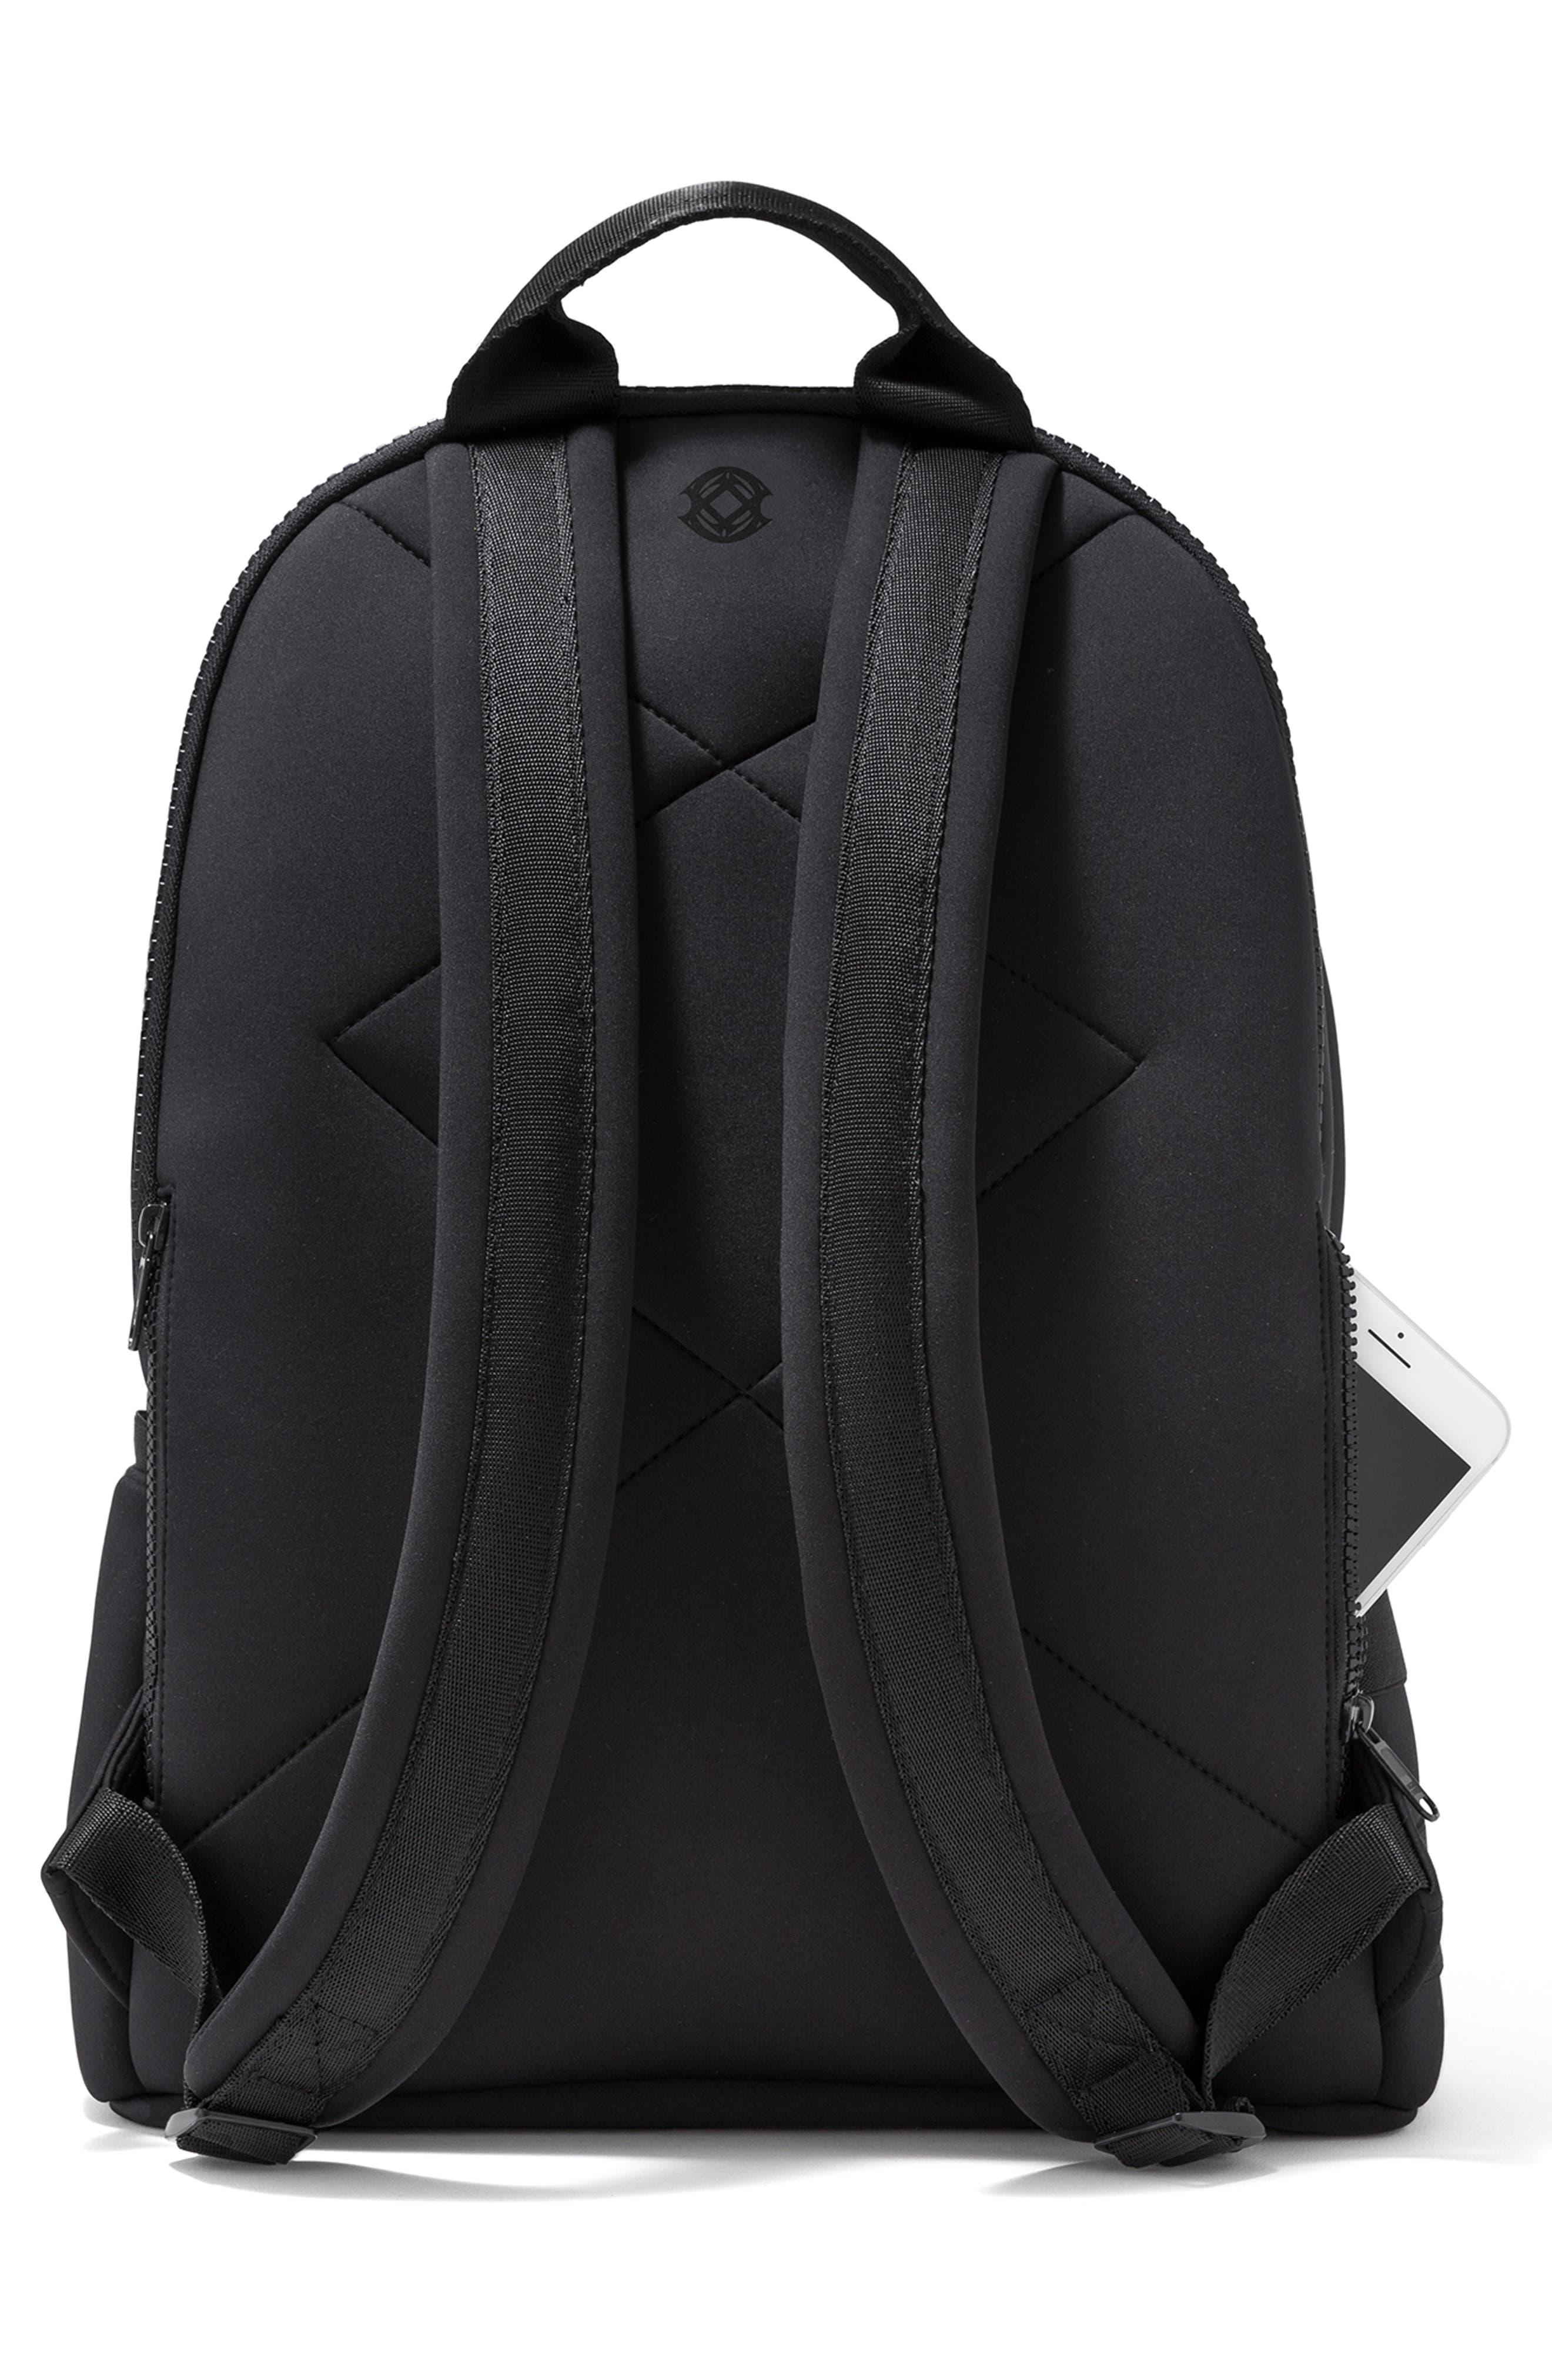 DAGNE DOVER,                             Large Dakota Neoprene Backpack,                             Alternate thumbnail 2, color,                             ONYX